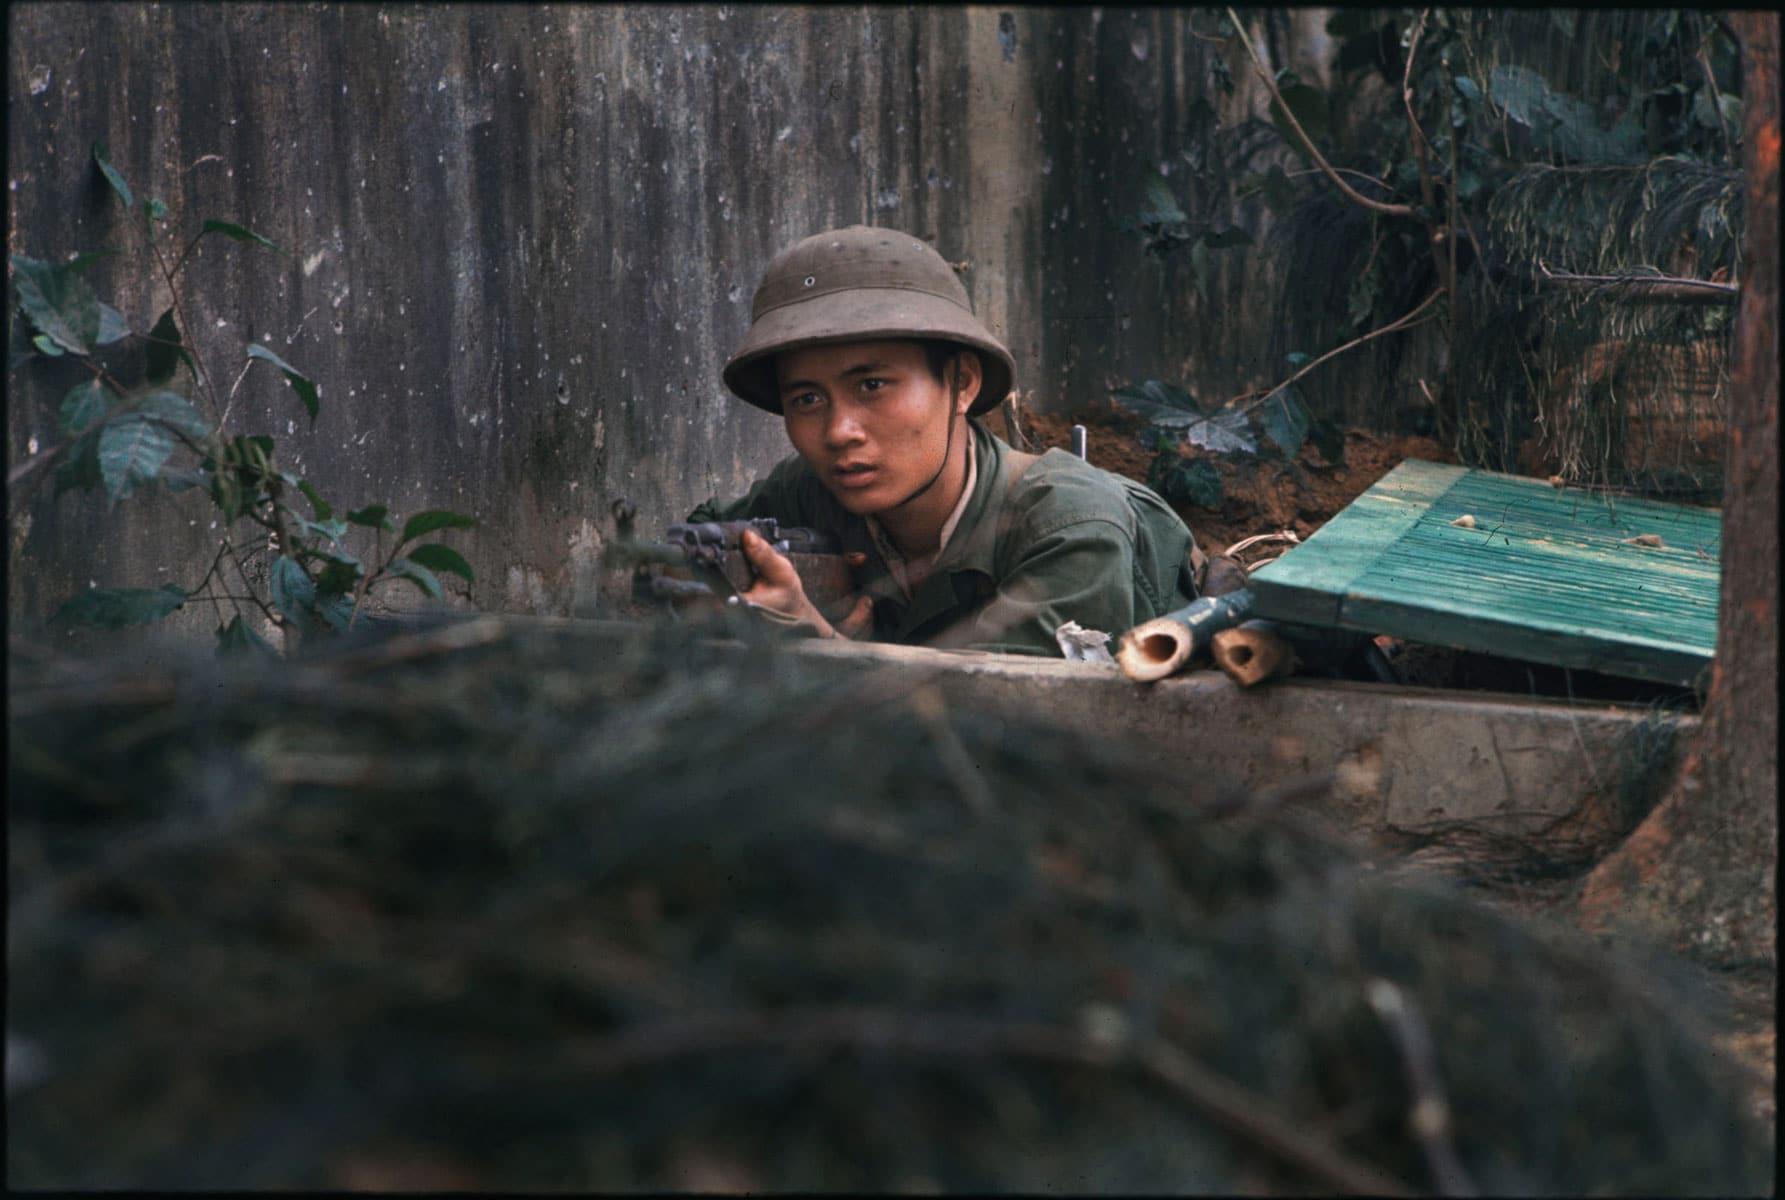 scènes de combats DCL_Vietnam5121_LR